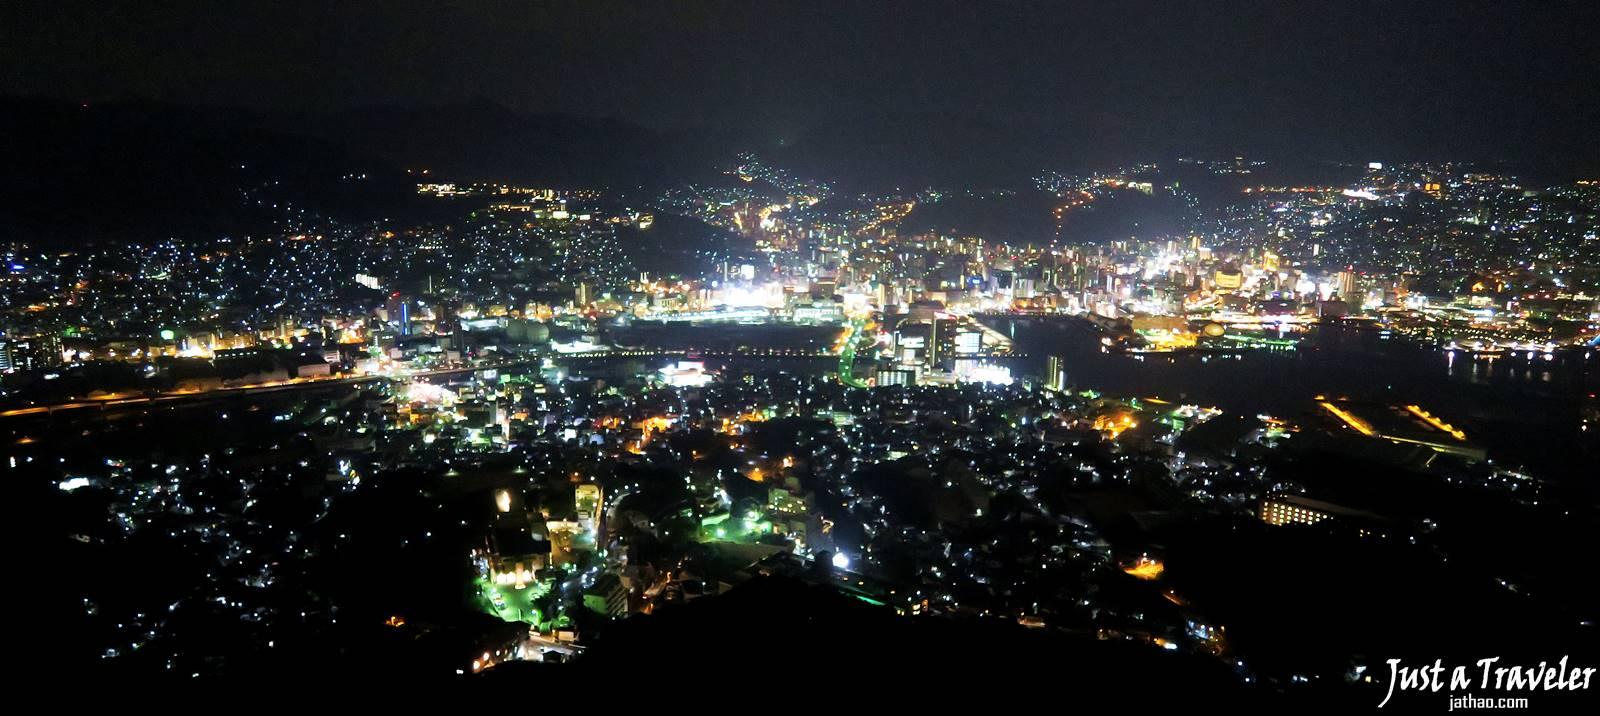 九州-九州景點-推薦-稻佐山夜景-九州行程-九州必玩景點-九州必遊景點-九州旅遊景點-九州自由行-九州觀光景點-九州好玩景點-九州介紹-日本-Kyushu